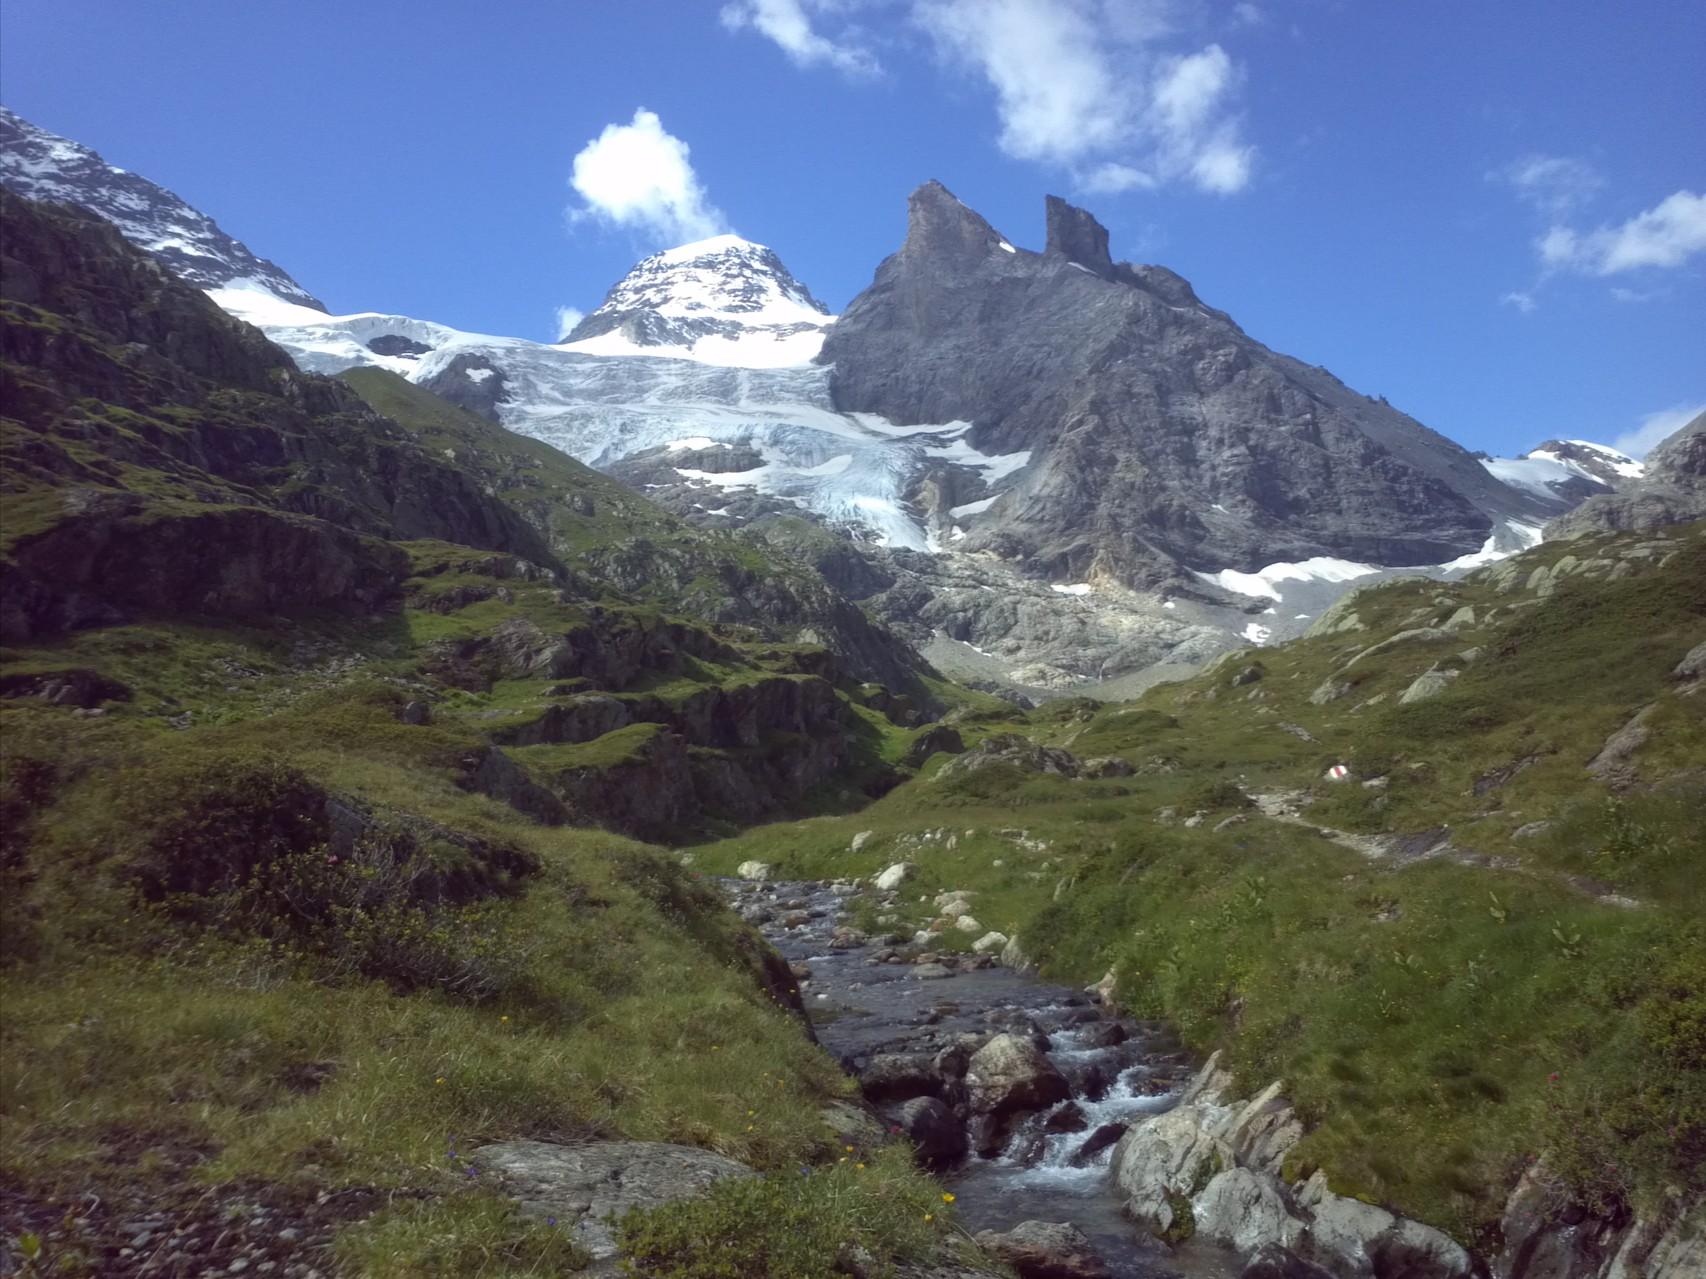 Gletscherbedeckt: Tschingelhorn